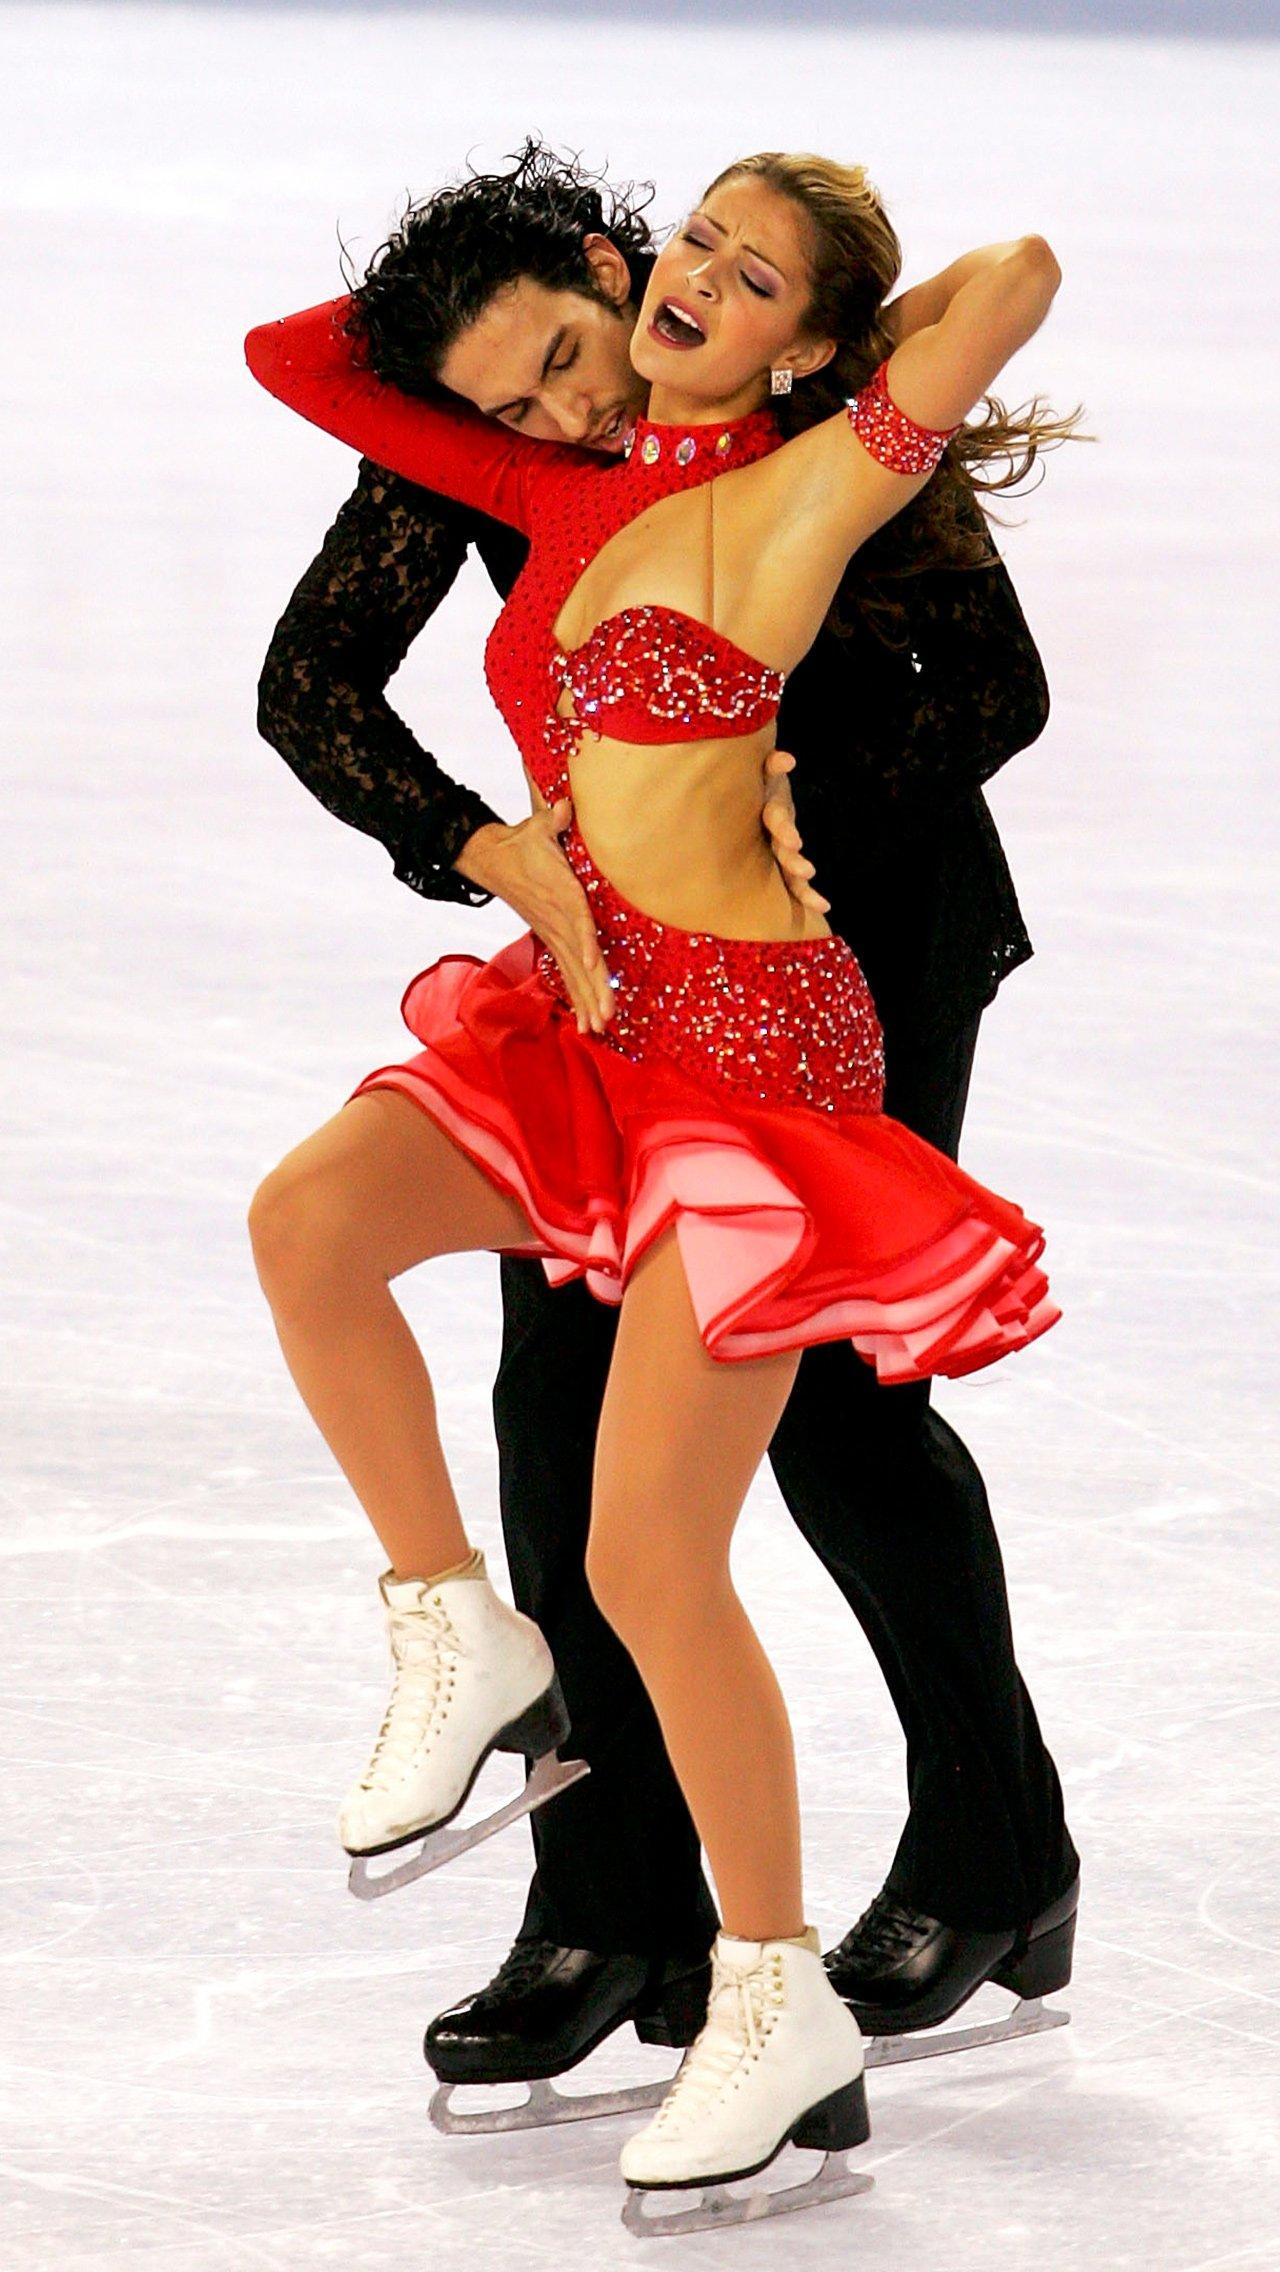 Красное платье канадки Танит Белбин с оголённым боком взбудоражило фанатов.